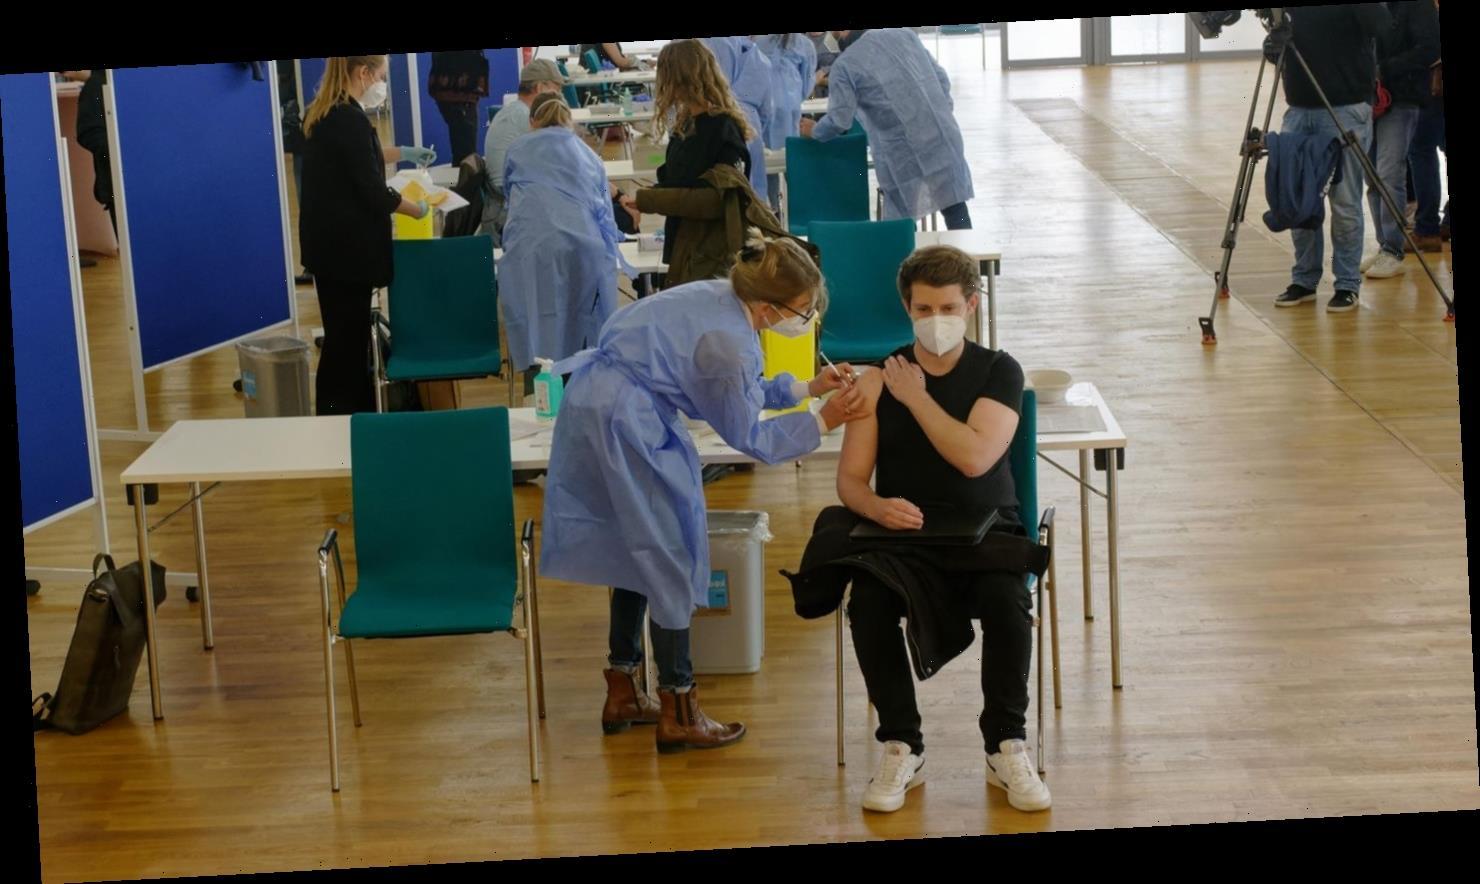 Neuer Impfrekord in Deutschland: 1,35 Millionen Menschen an einem Tag geimpft